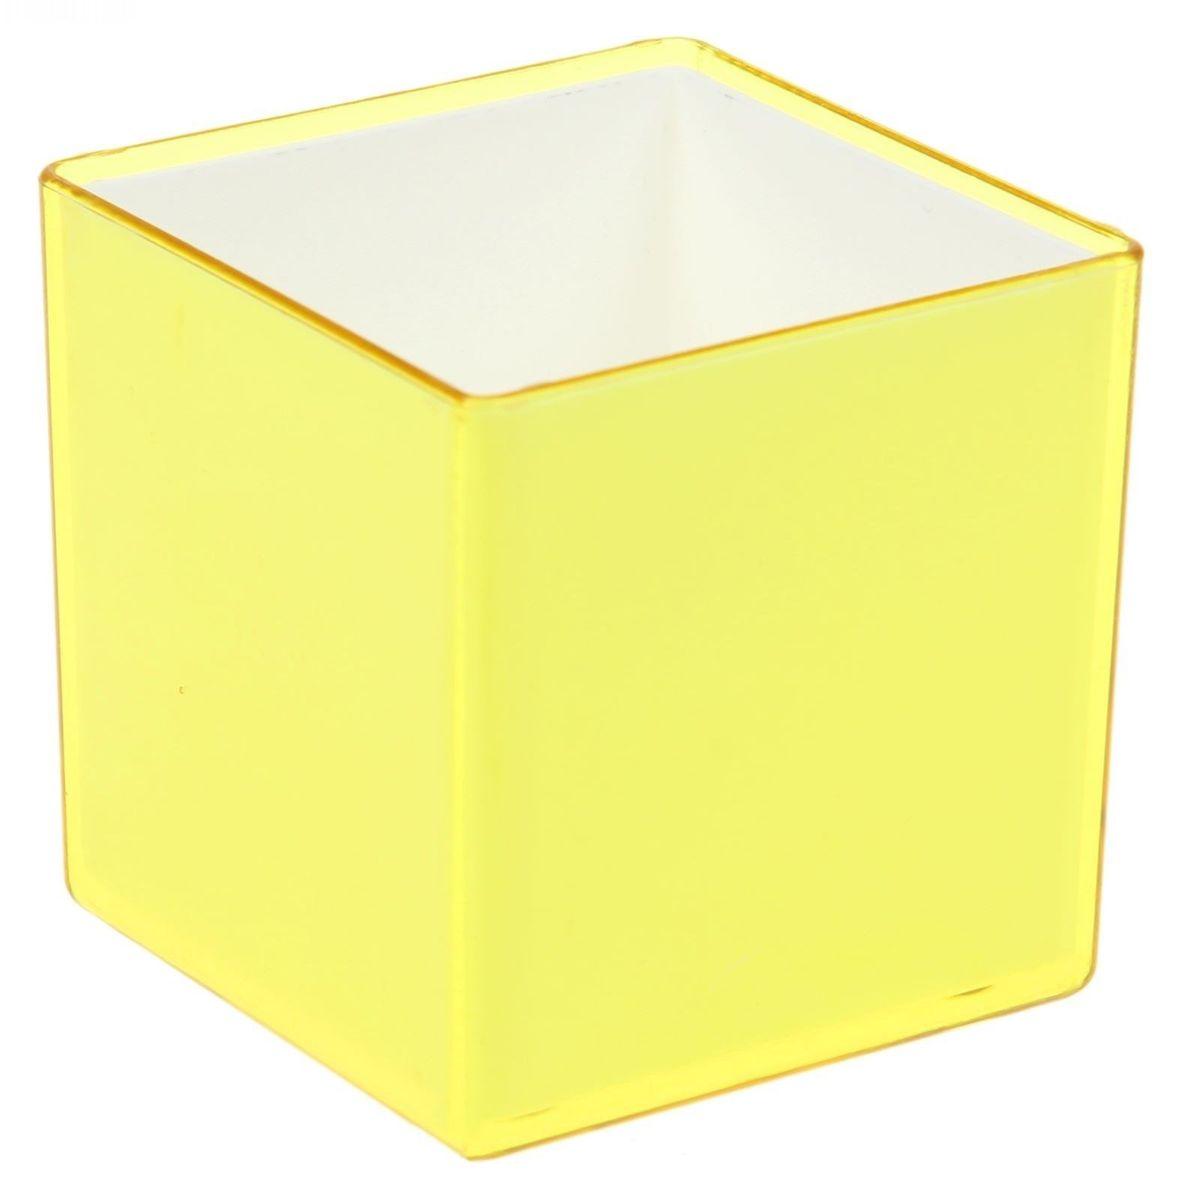 Кашпо JetPlast Мини куб, на магните, цвет: желтый, 6 x 6 x 6 см531-401Кашпо JetPlast Мини куб предназначено для украшения любого интерьера. Благодаря магнитной ленте, входящей в комплект, вы можете разместить его не только на подоконнике, столе или иной поверхности, а также на холодильнике и любой другой металлической поверхности, дополняя привычные вещи новыми дизайнерскими решениями. Кашпо можно использовать не только под цветы, но и как подставку для ручек, карандашей и прочих канцелярских мелочей.Размеры кашпо: 6 х 6 х 6 см.